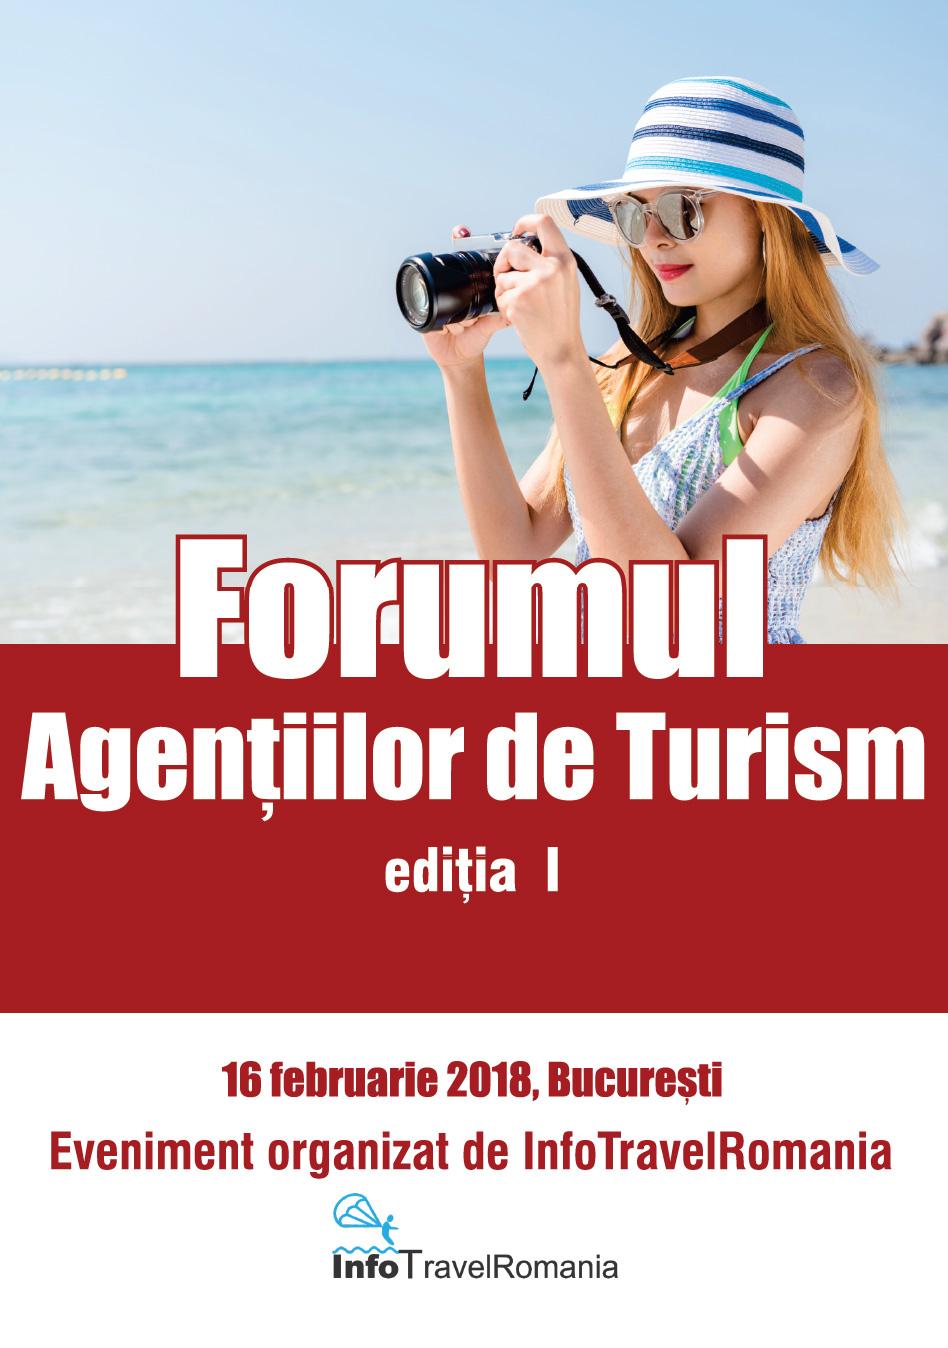 Forumul Agentiilor de Turism